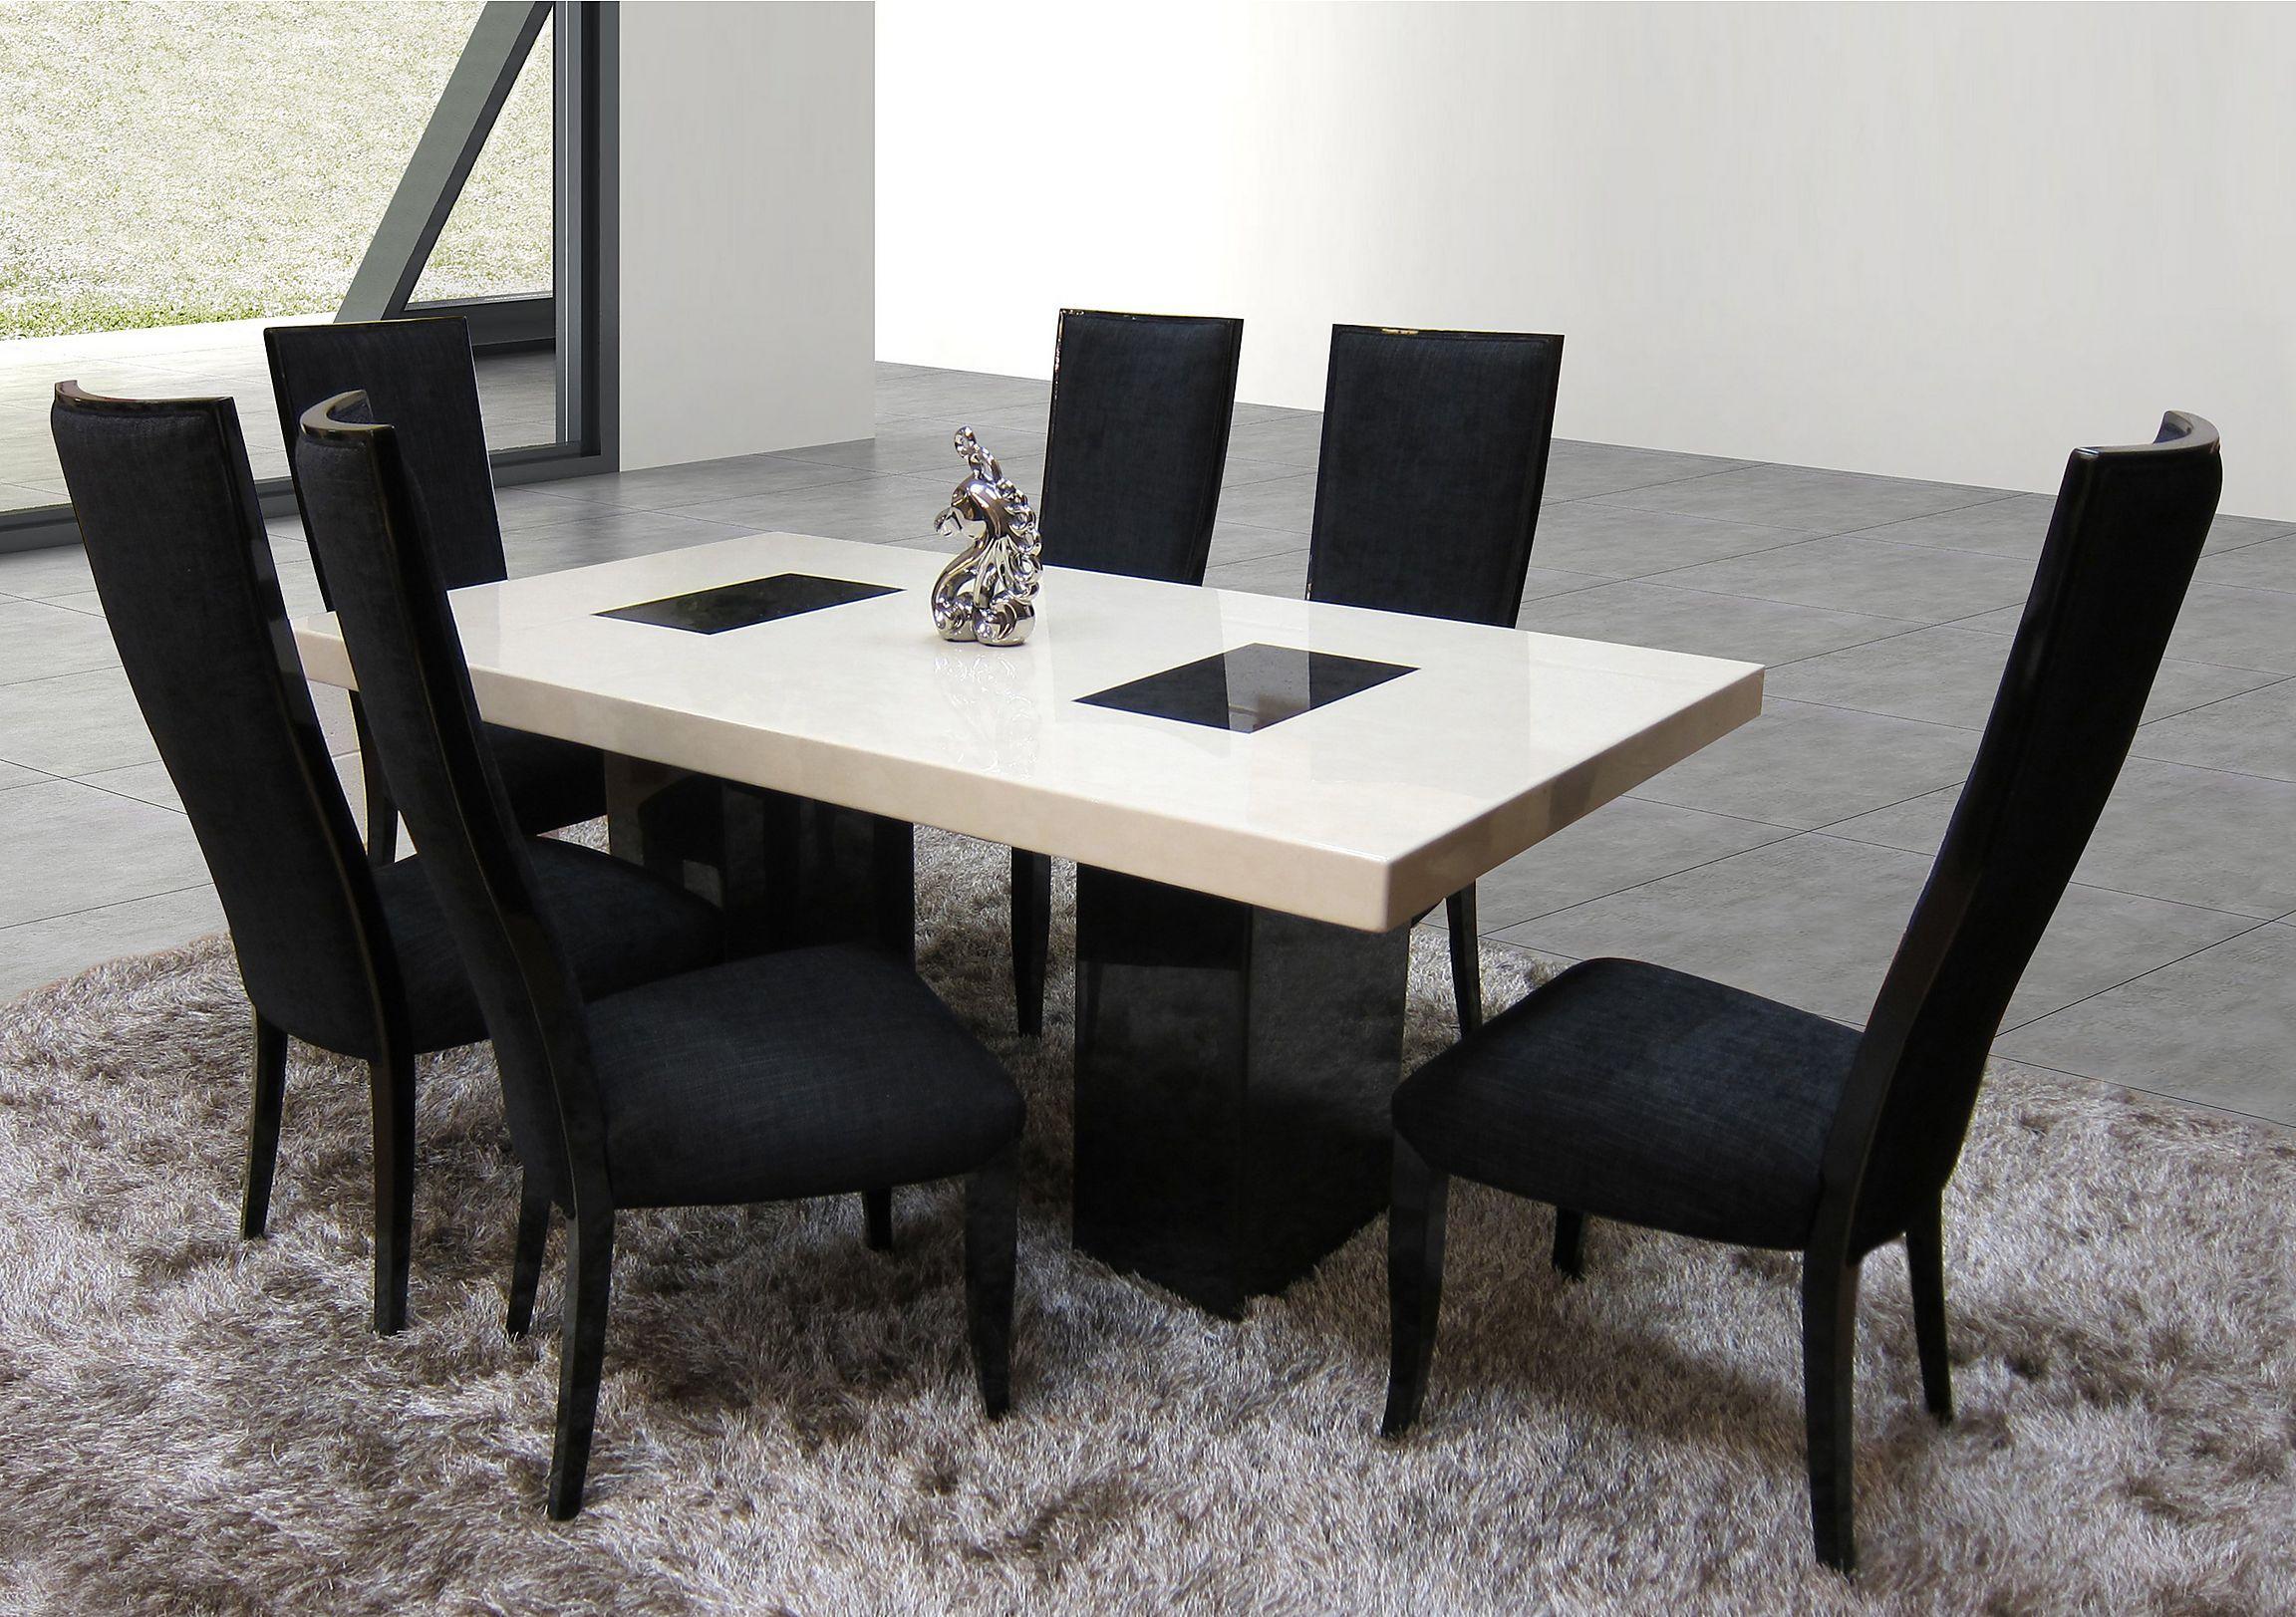 Hyatt Marble Dining Table. Loading Images